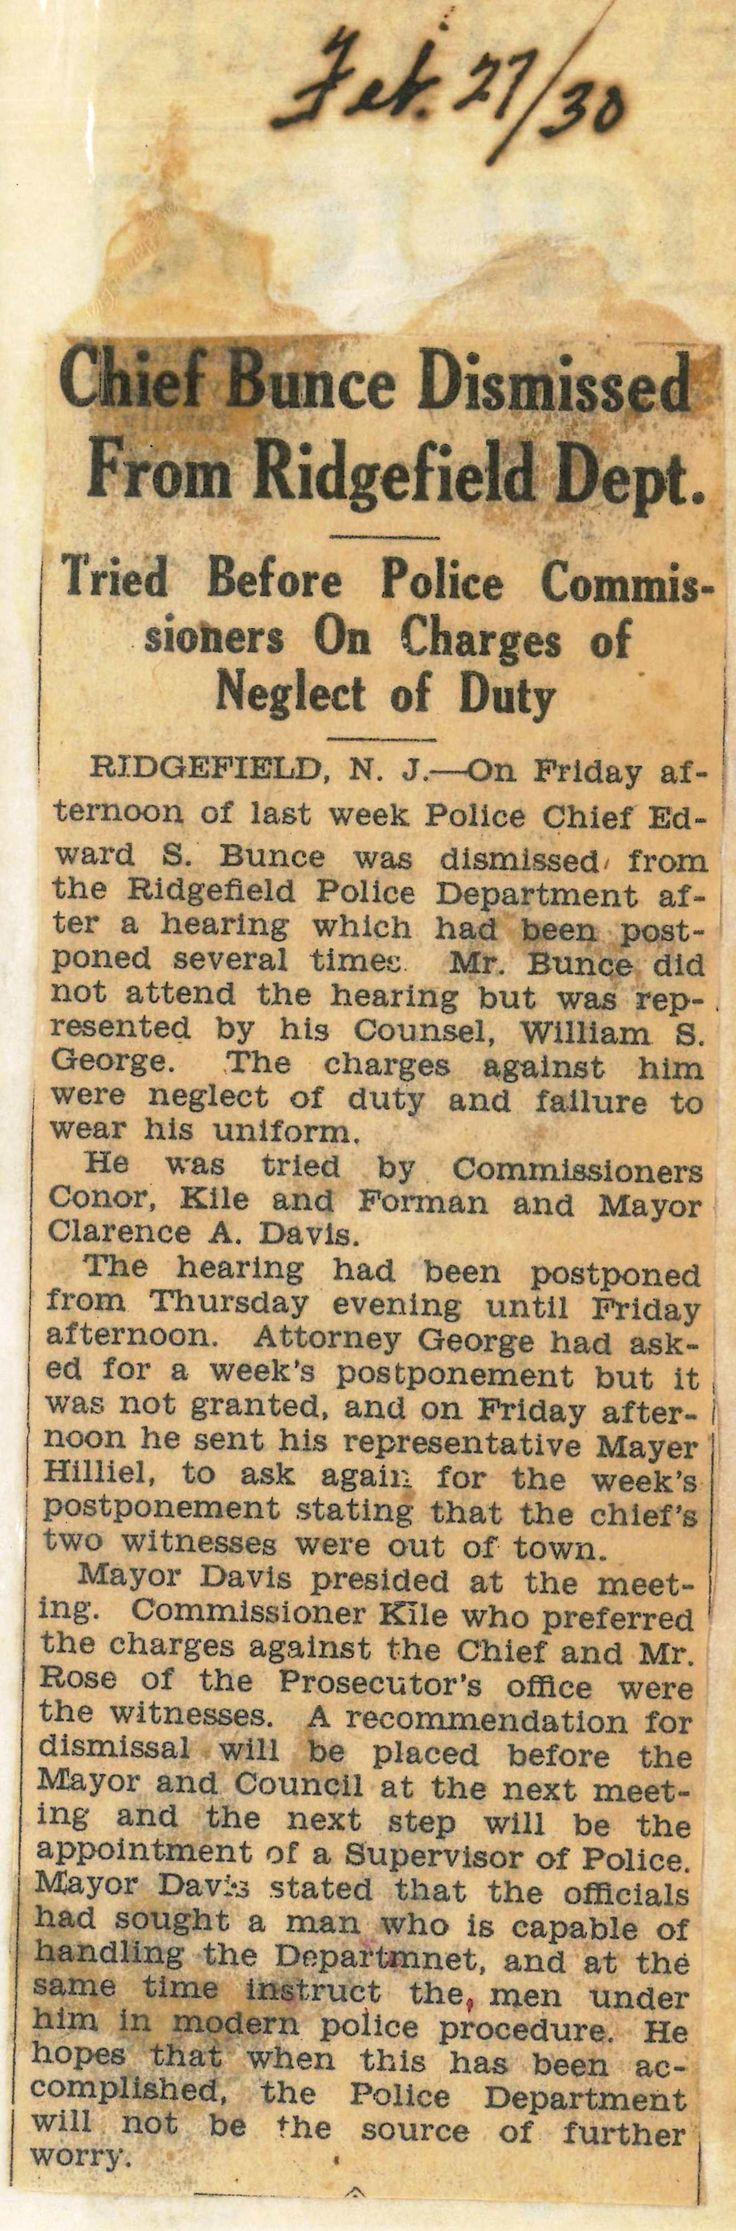 2/16/15 - Chief Bunce Dismissed